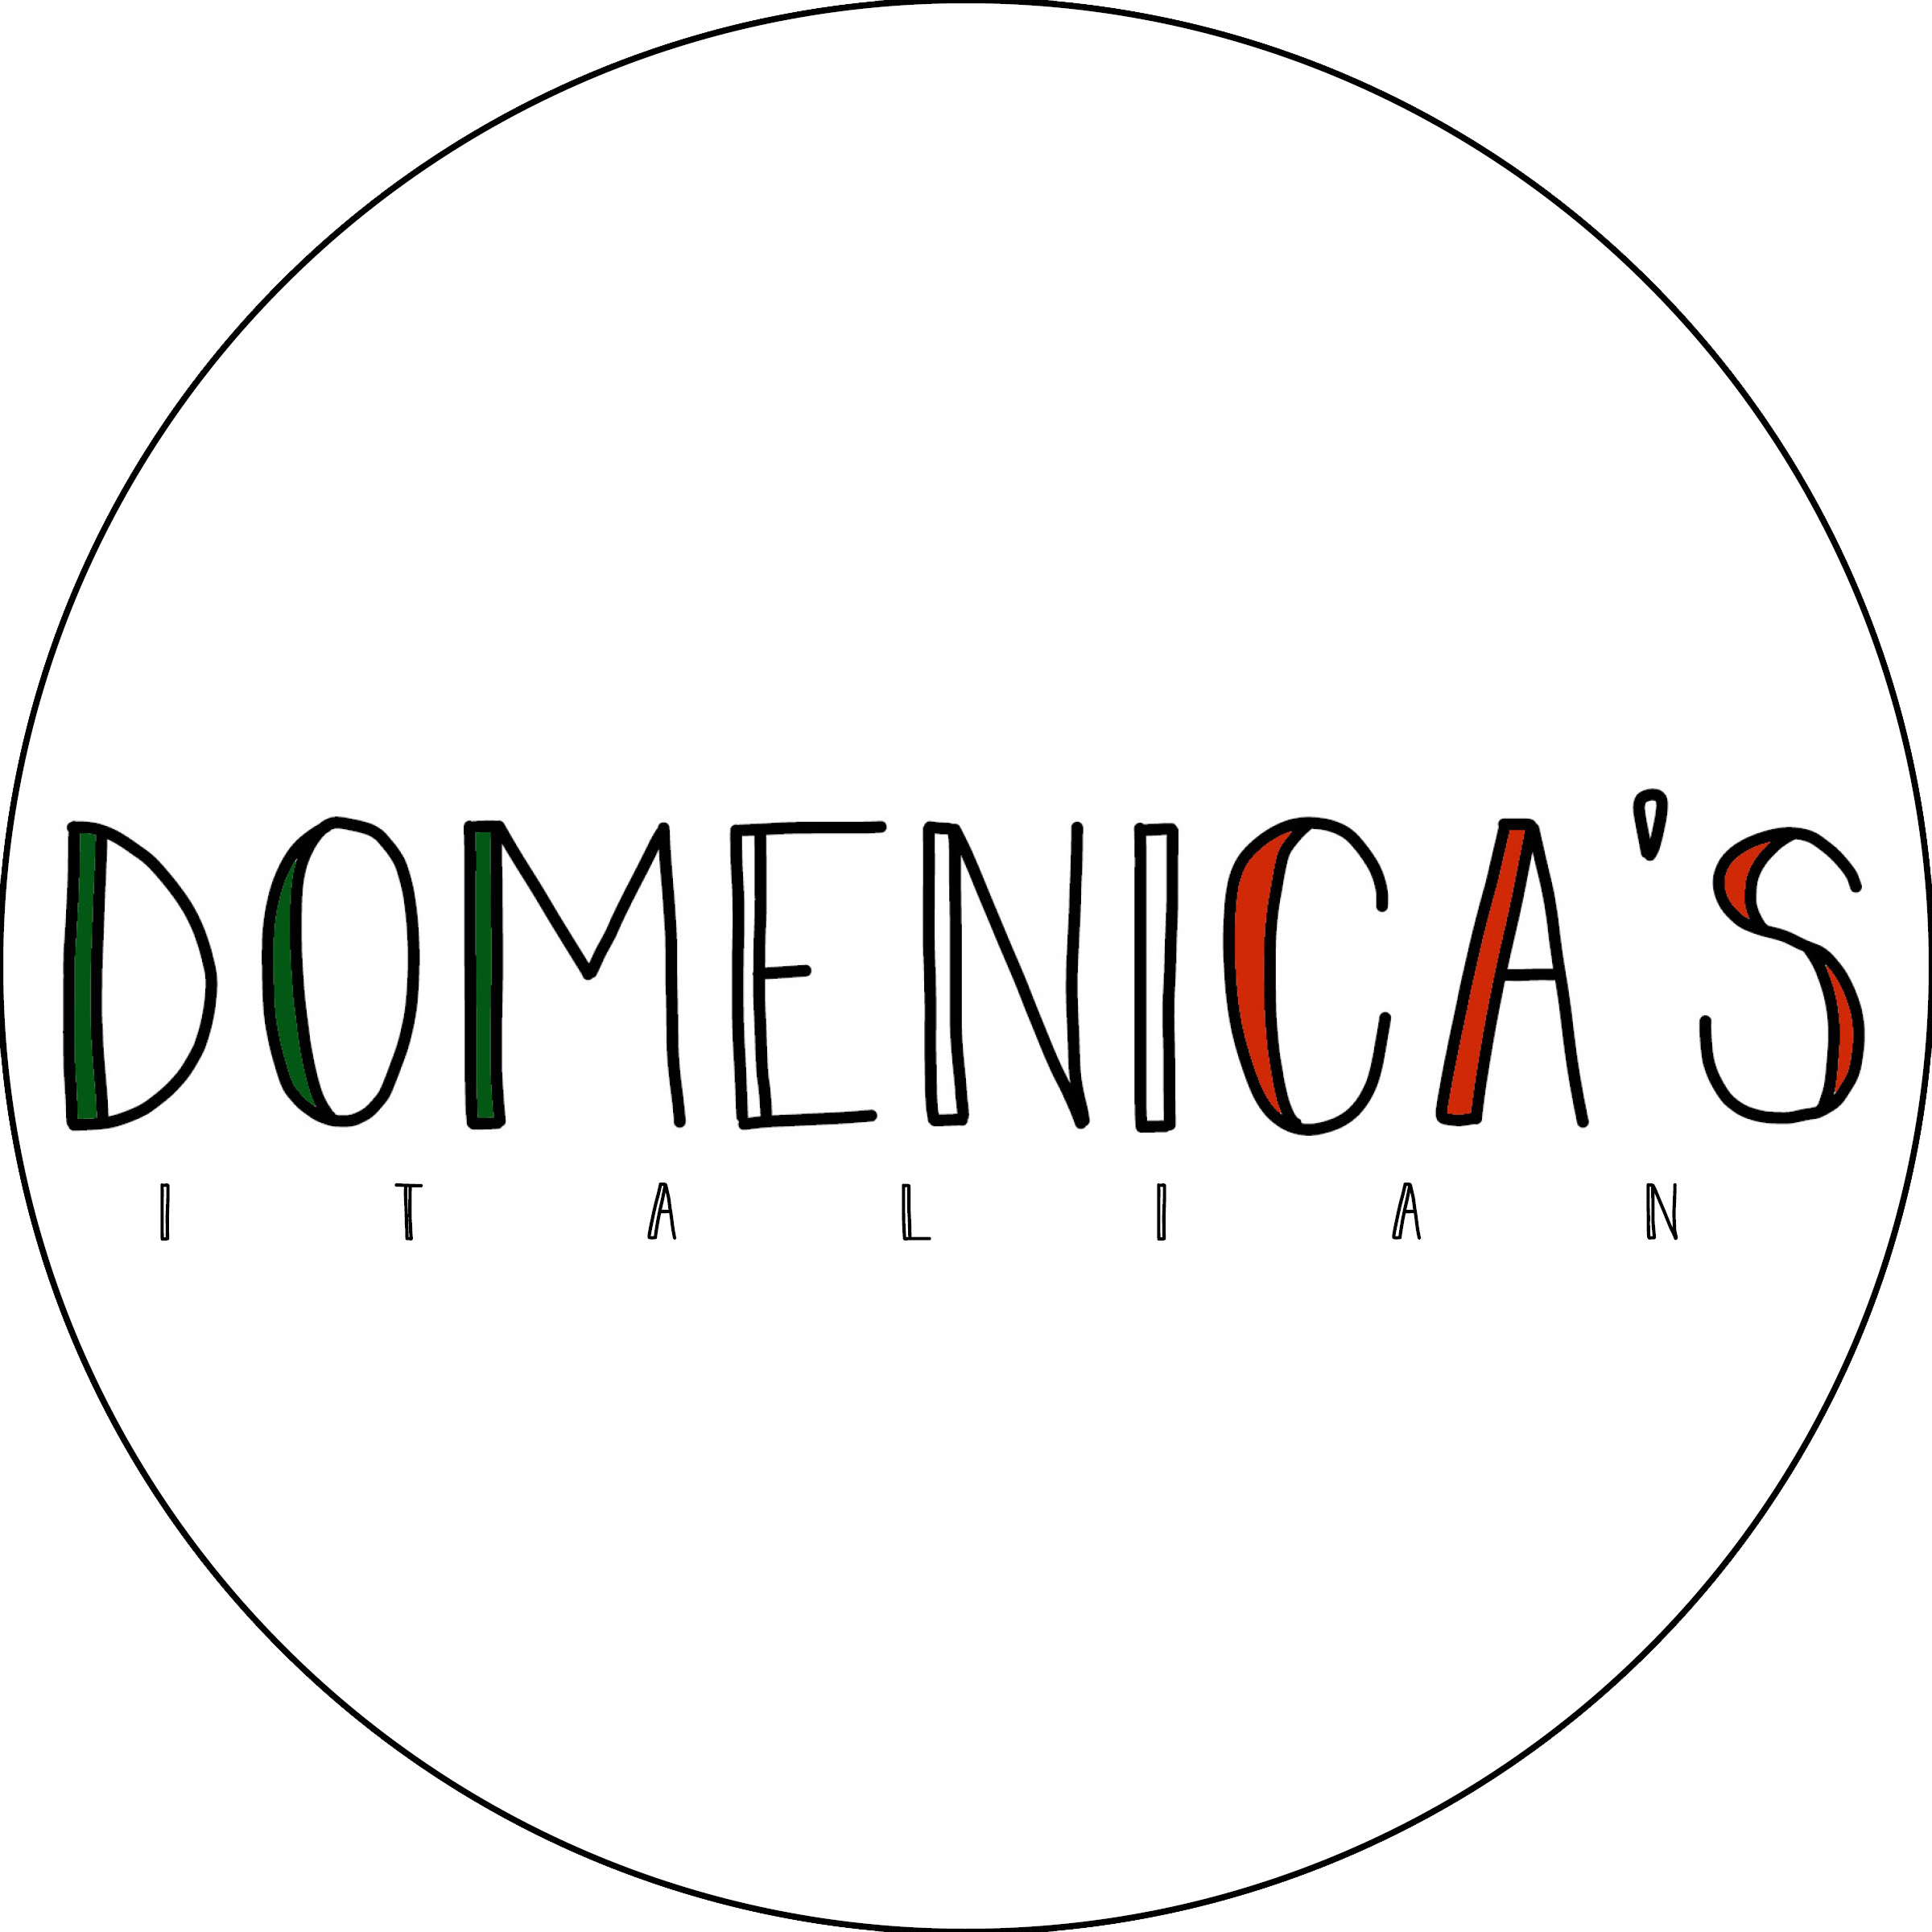 Domenica's Italian Home